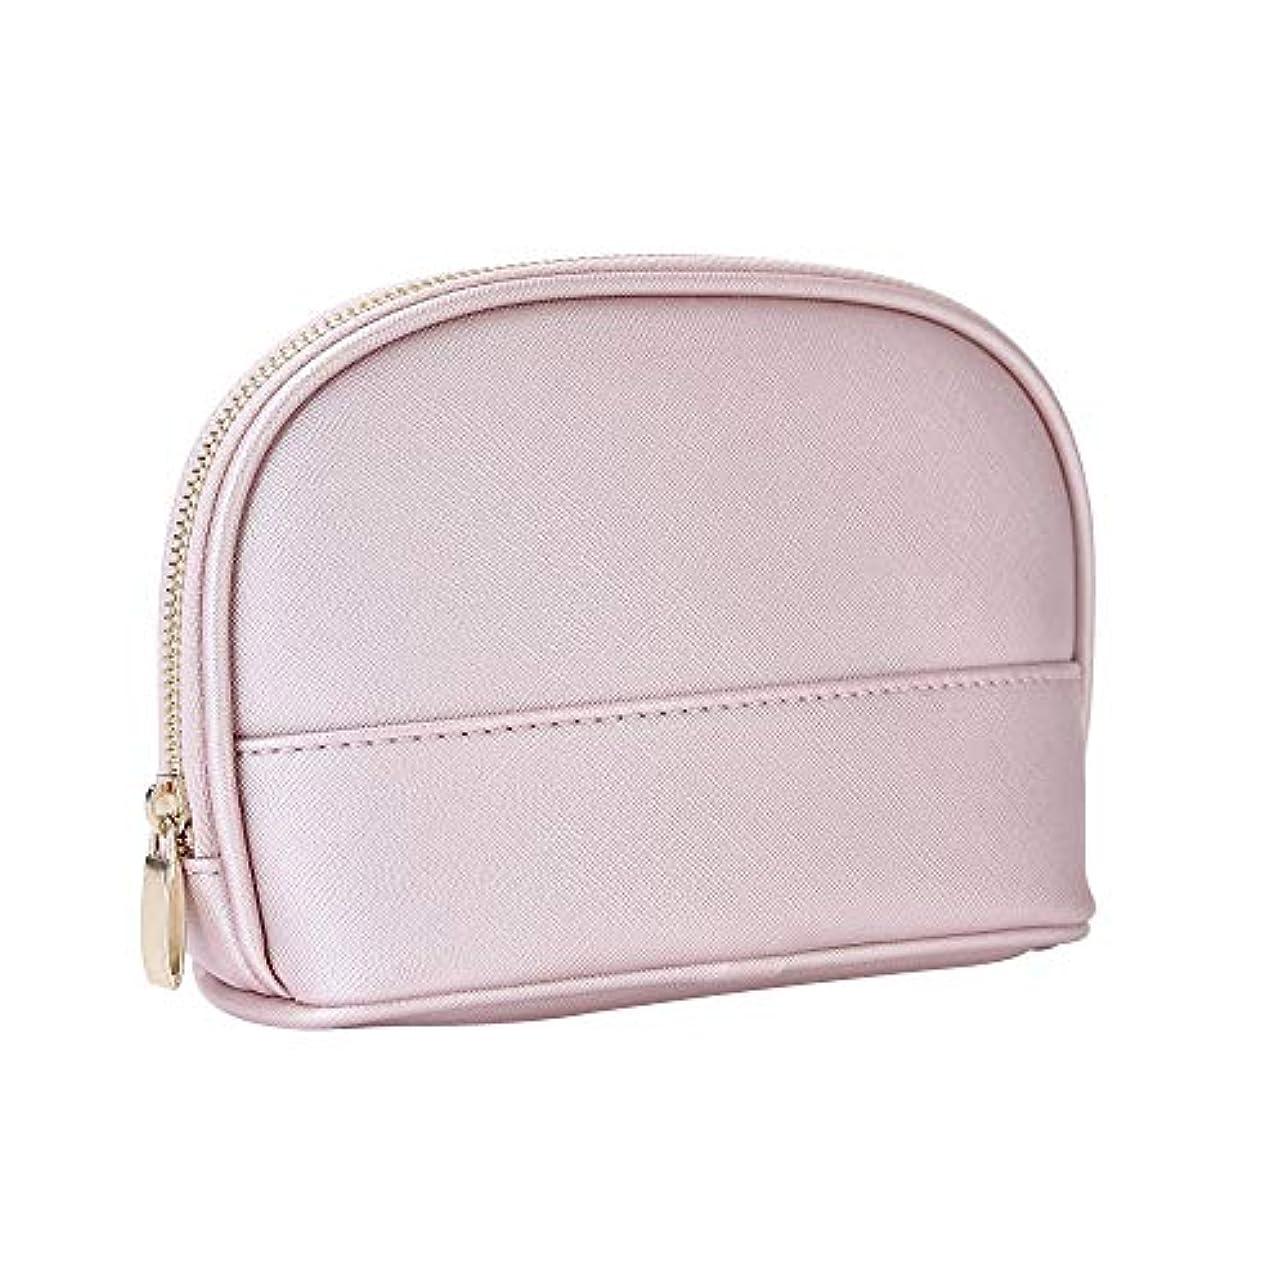 硬化するドローベールXiazw ピンク PUレザー 防水 化粧ポーチ メイクポーチ バッグ 化粧品収納 小物入れ 出張 旅行用